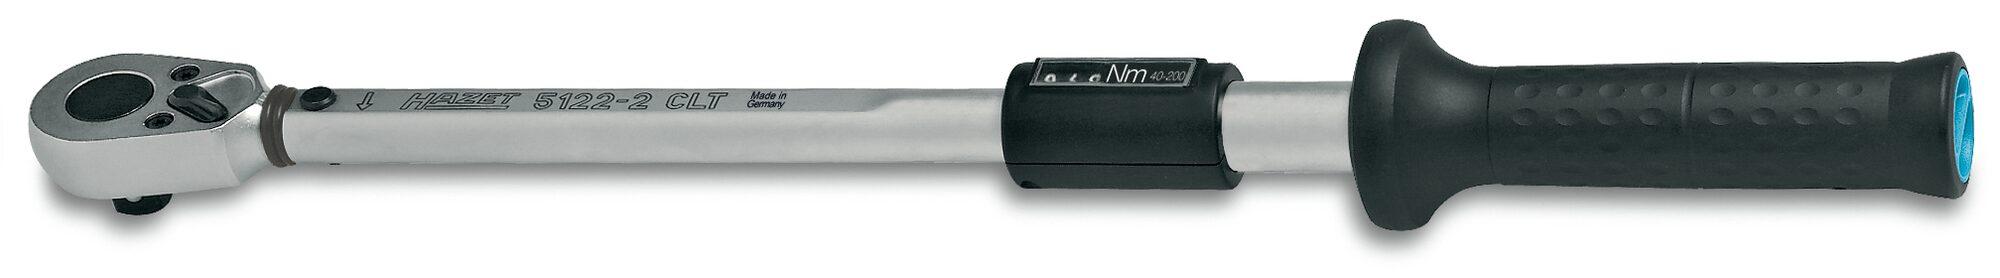 HAZET Drehmoment-Schlüssel 5122-2CLT ∙ Nm min-max: 40–200 Nm ∙ Toleranz: 4% ∙ Vierkant massiv 12,5 mm (1/2 Zoll)